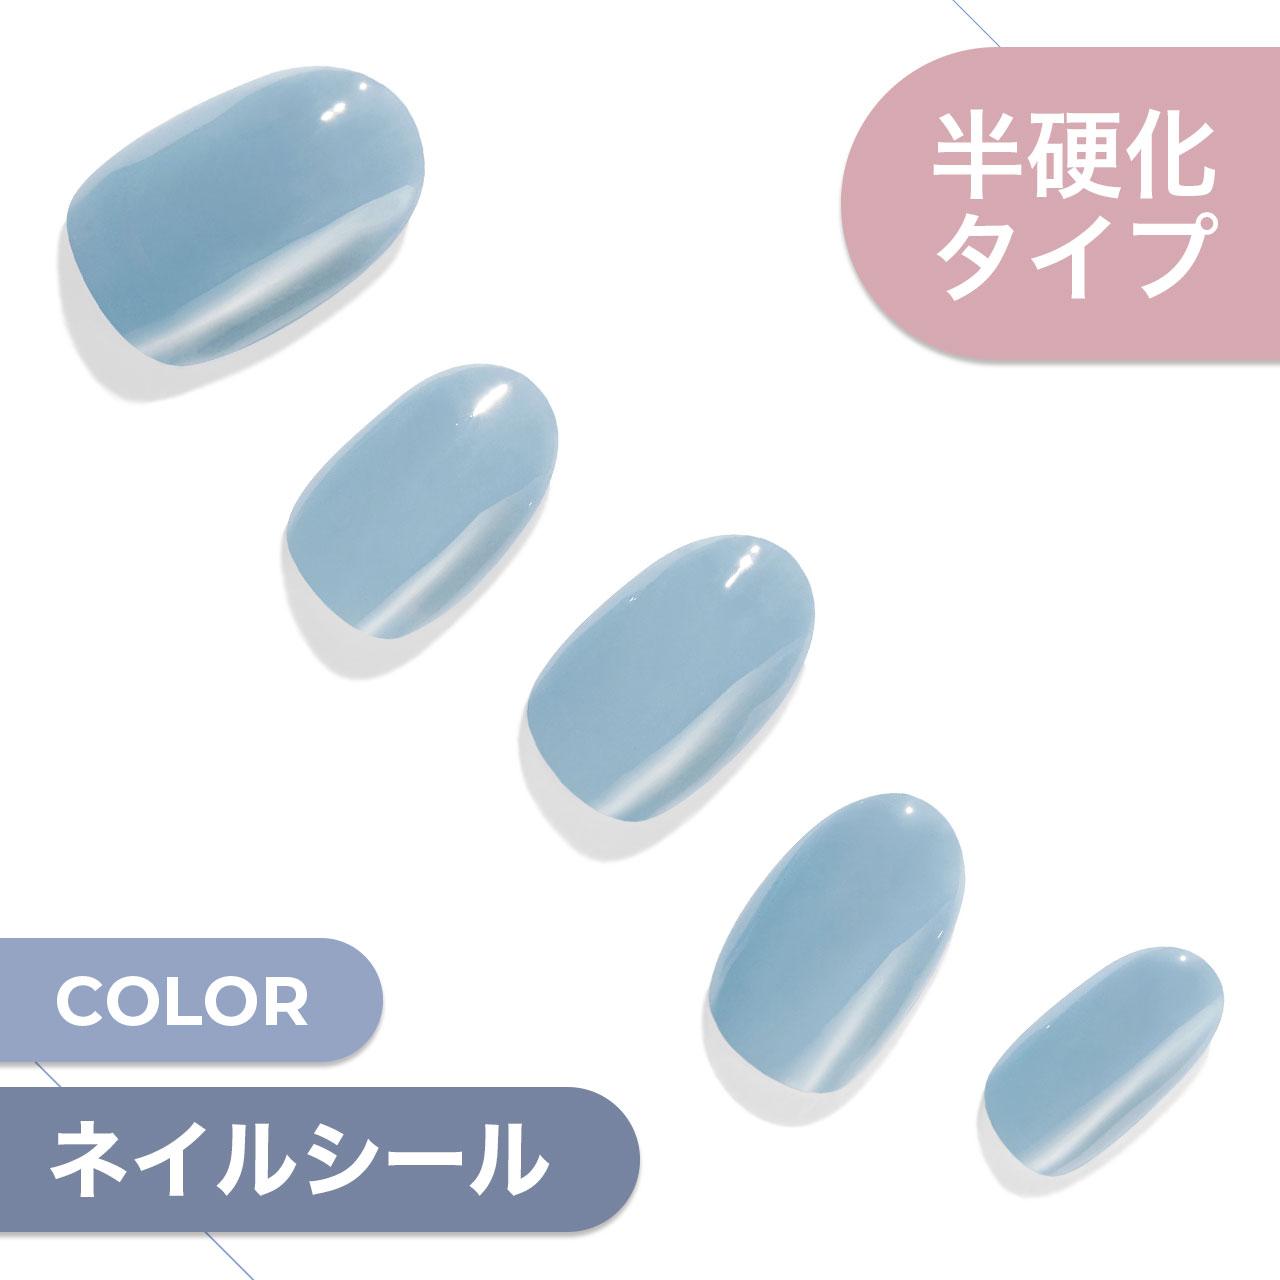 【Milky Blue】ダッシングディバグレーズ